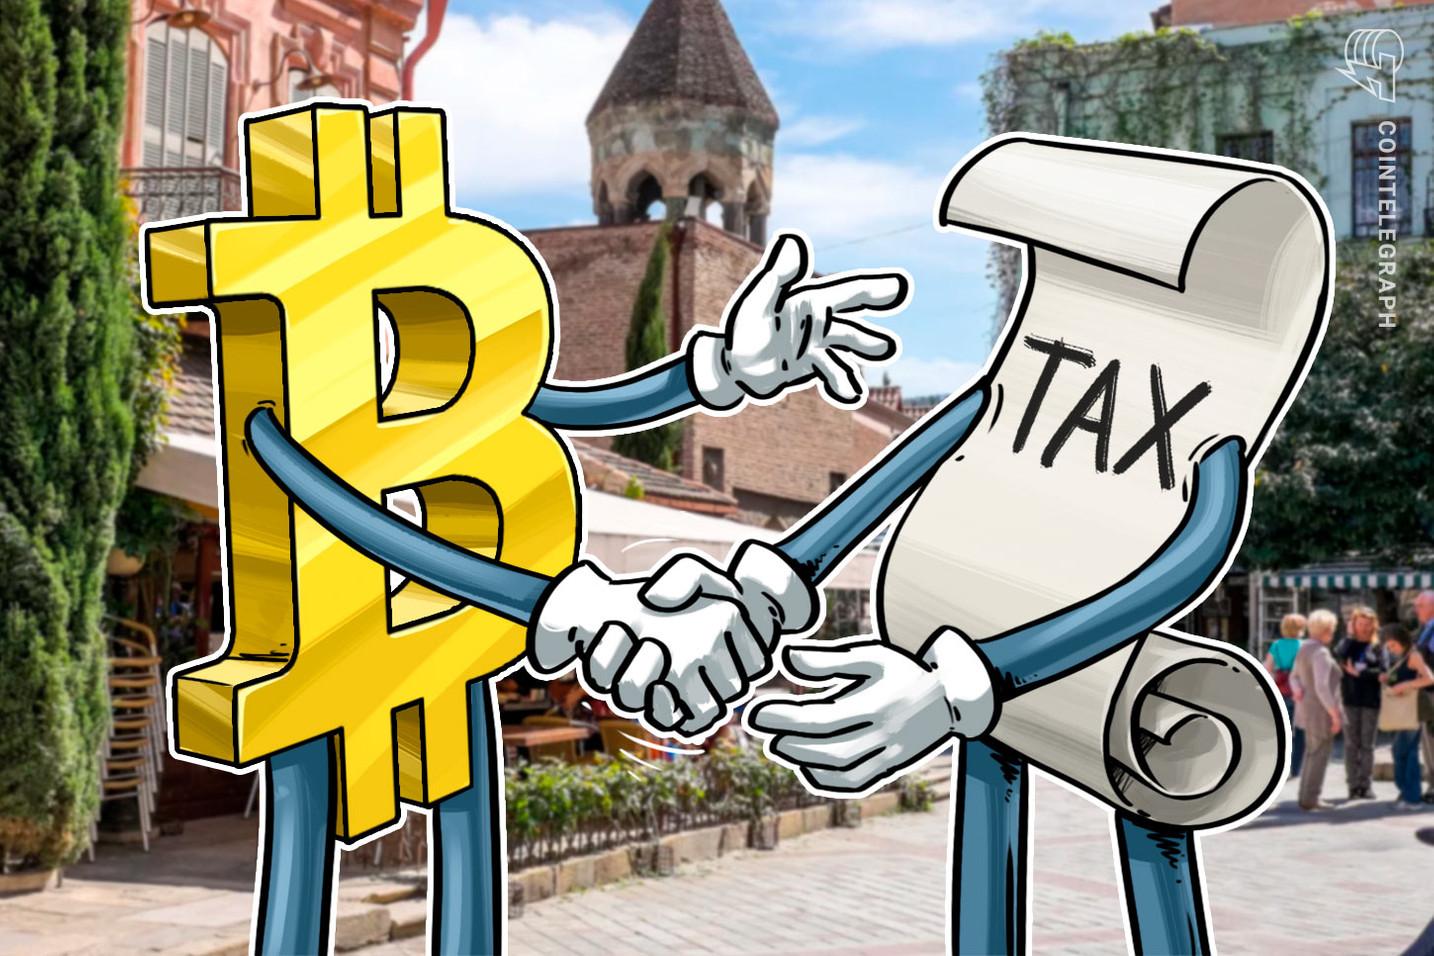 República de Georgia exime a las criptomonedas del impuesto sobre el valor añadido